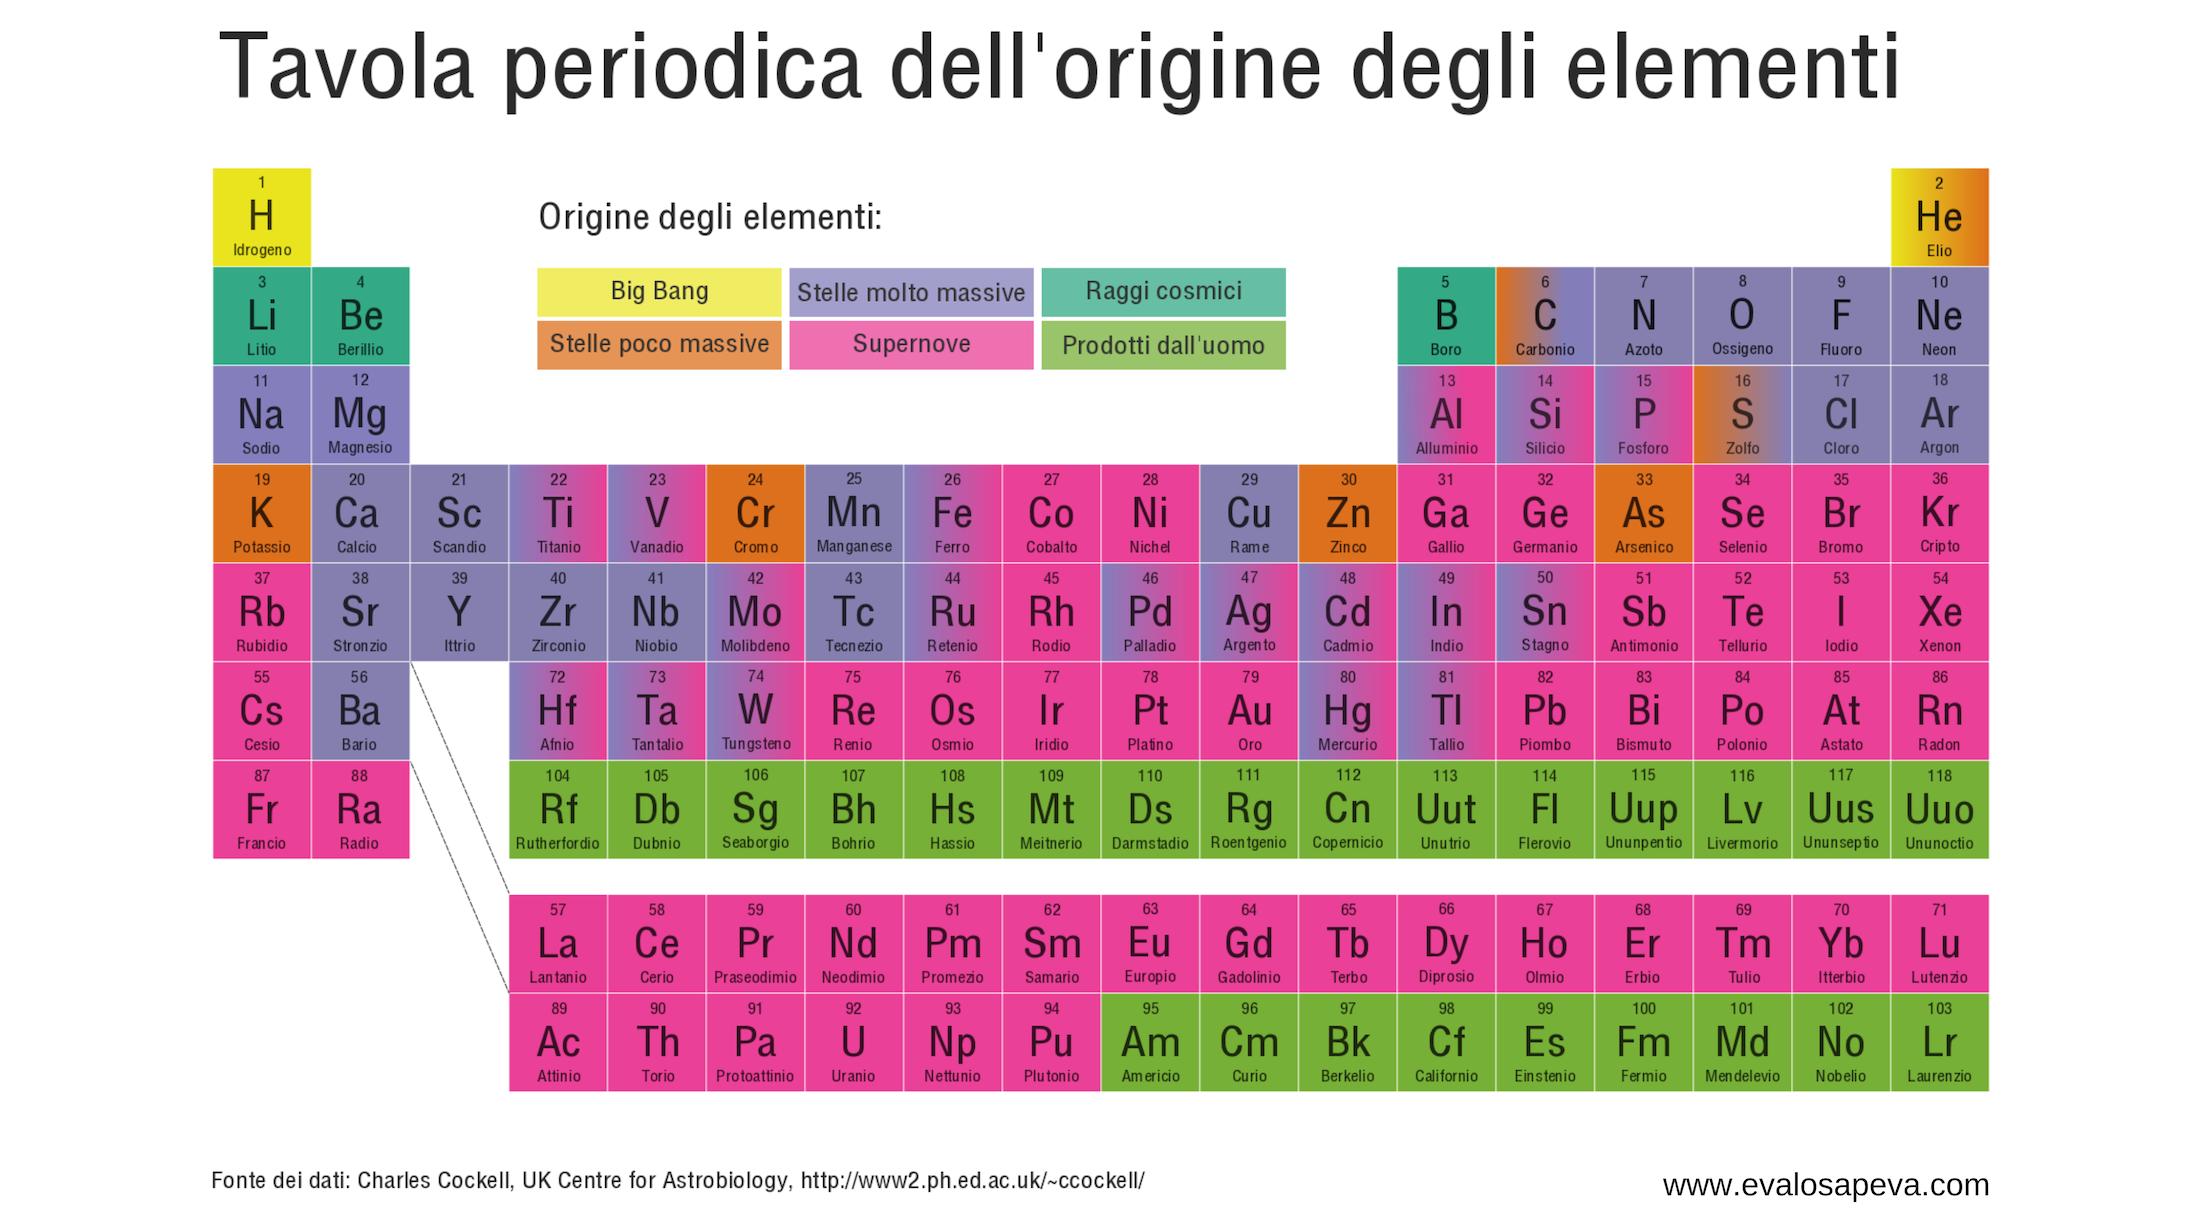 Origine degli elementi tavola periodica